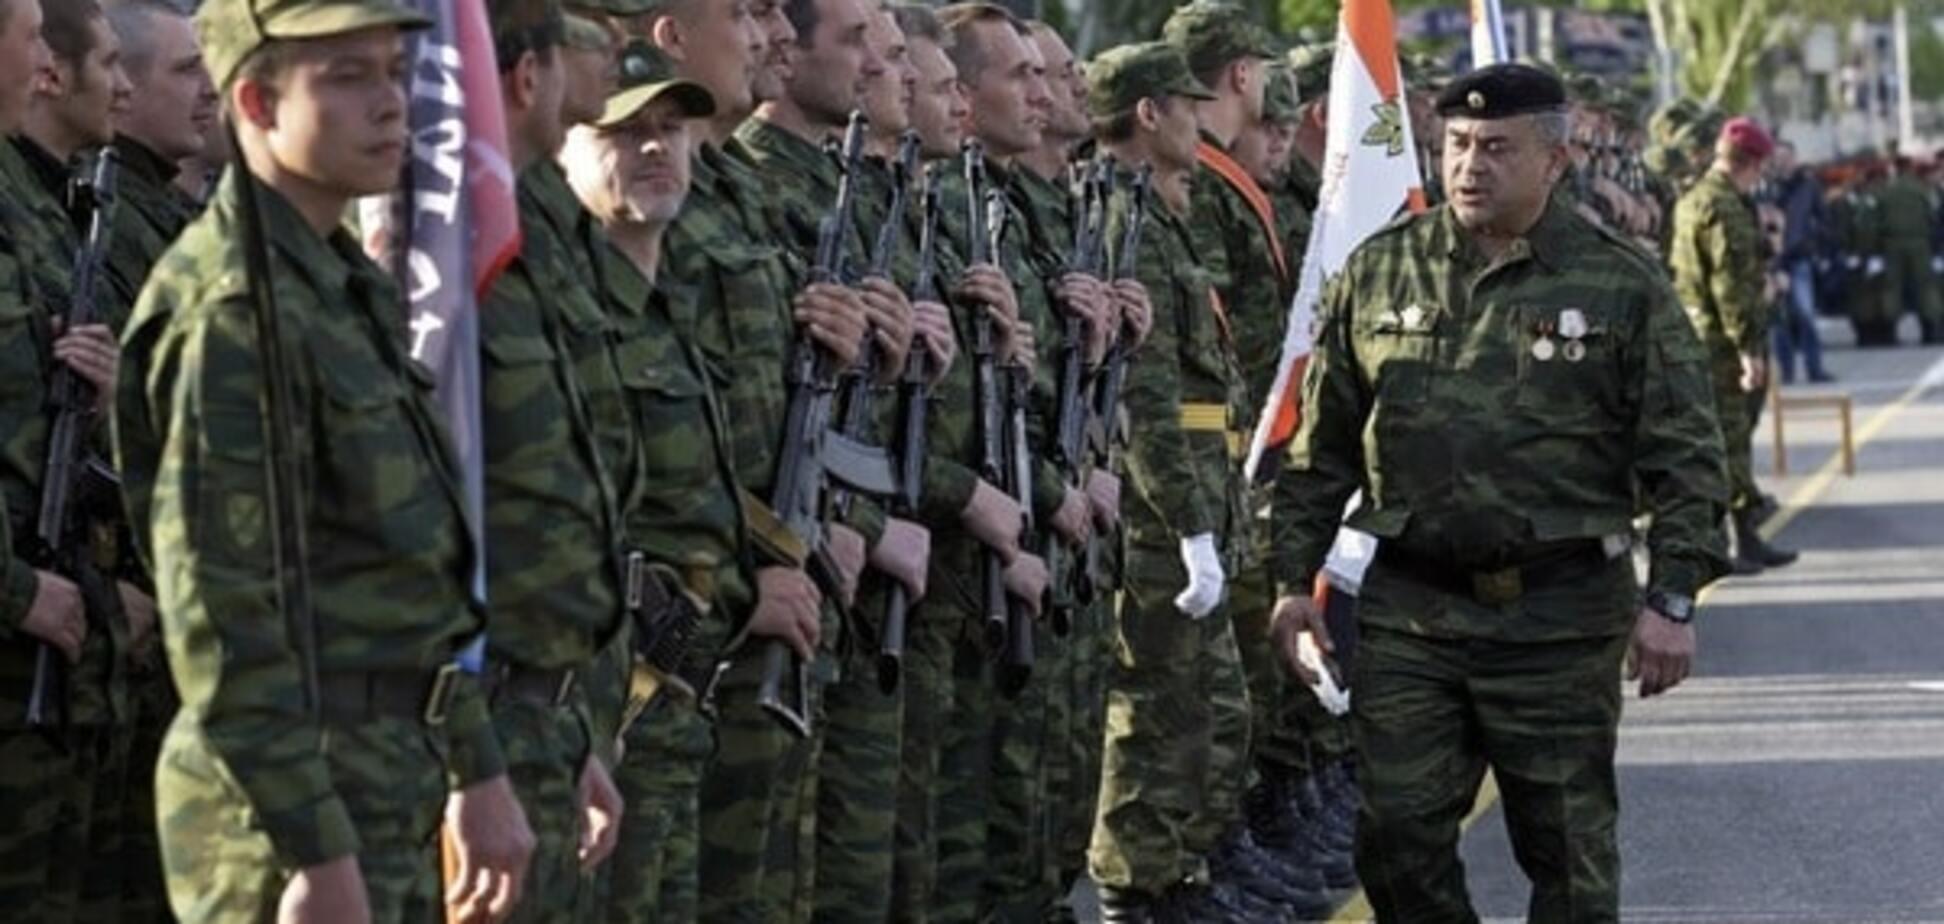 За 'Л/ДНР' соглашаются воевать лишь алкоголики, наркоманы и бездомные – Тымчук